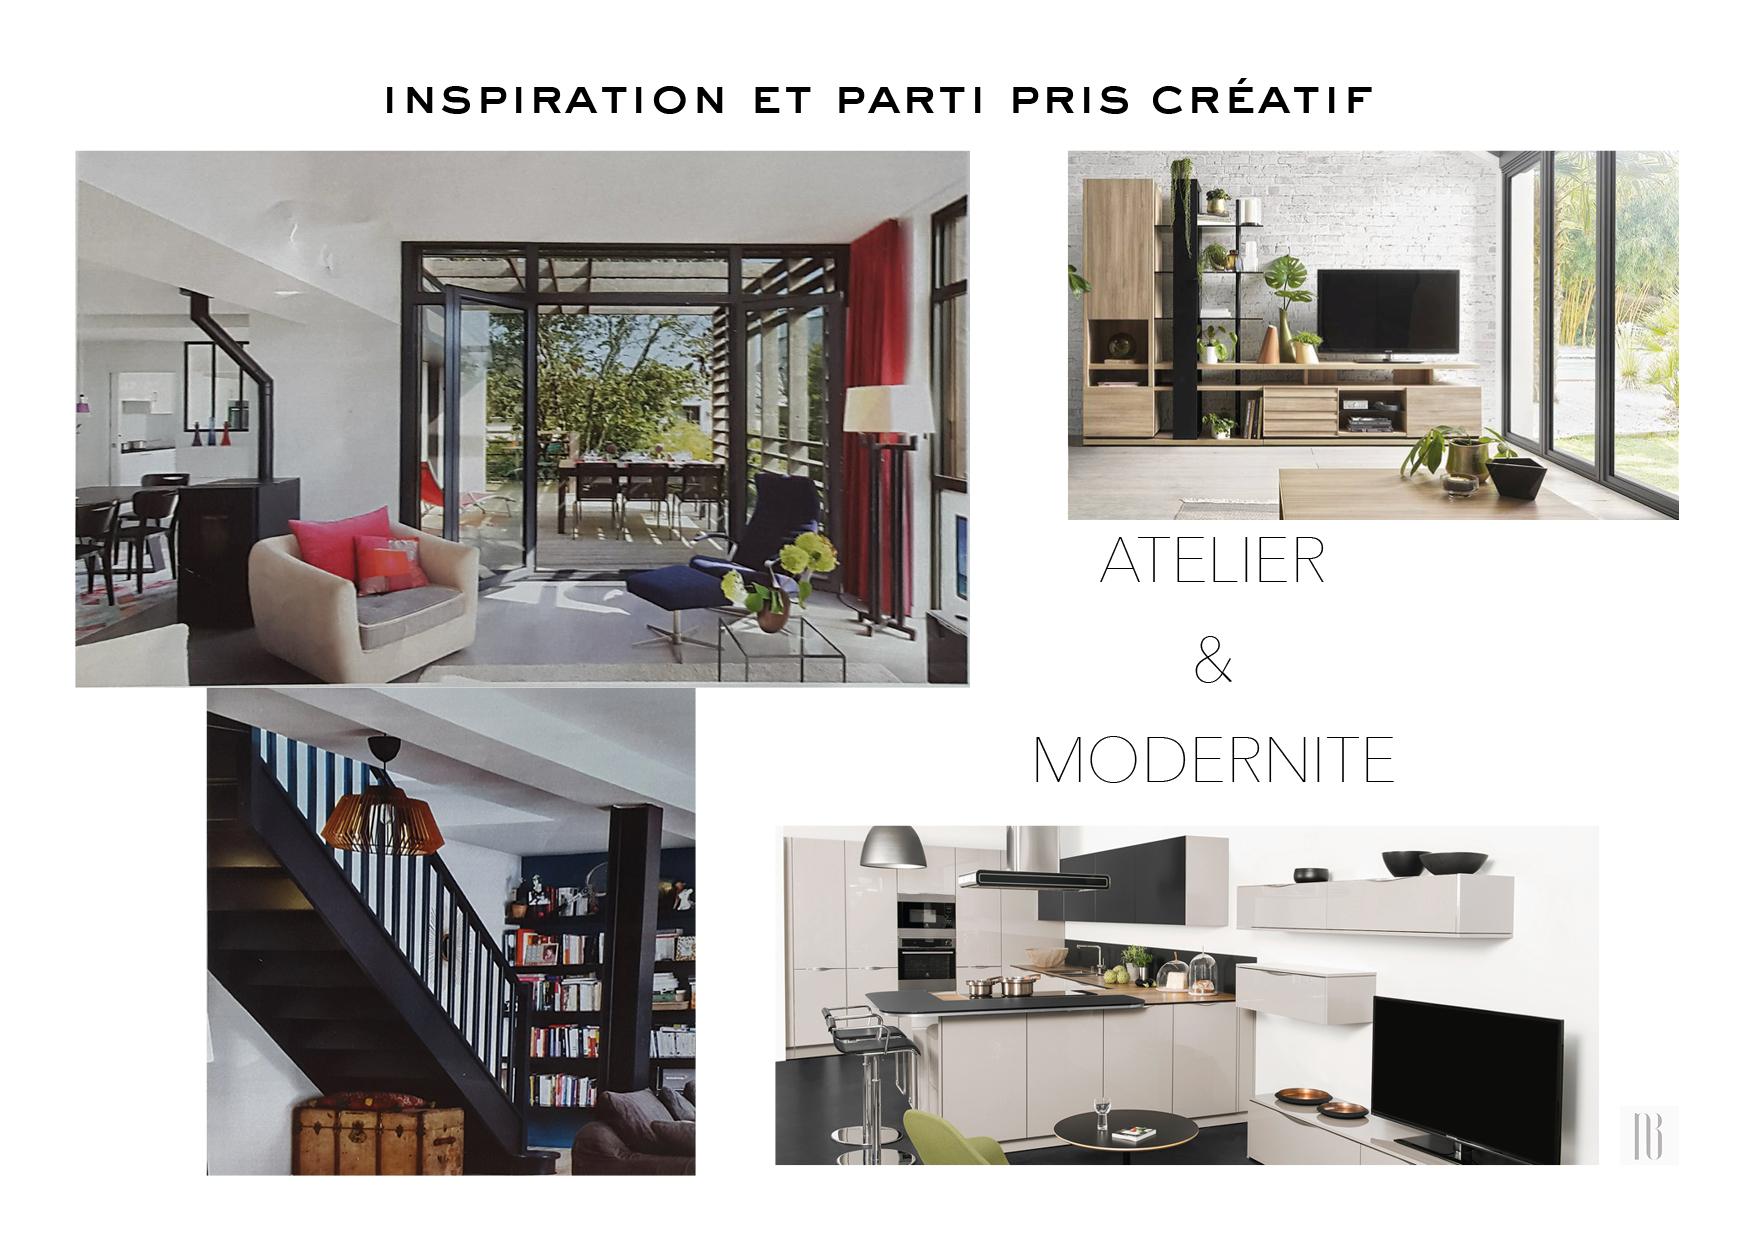 Nathalie Bossard décoration architecture intérieur Rennes 35 UFDI-390 Book déco maison individuelle bretagne sud 2019 inspiration et parti pris créatif atelier modernité